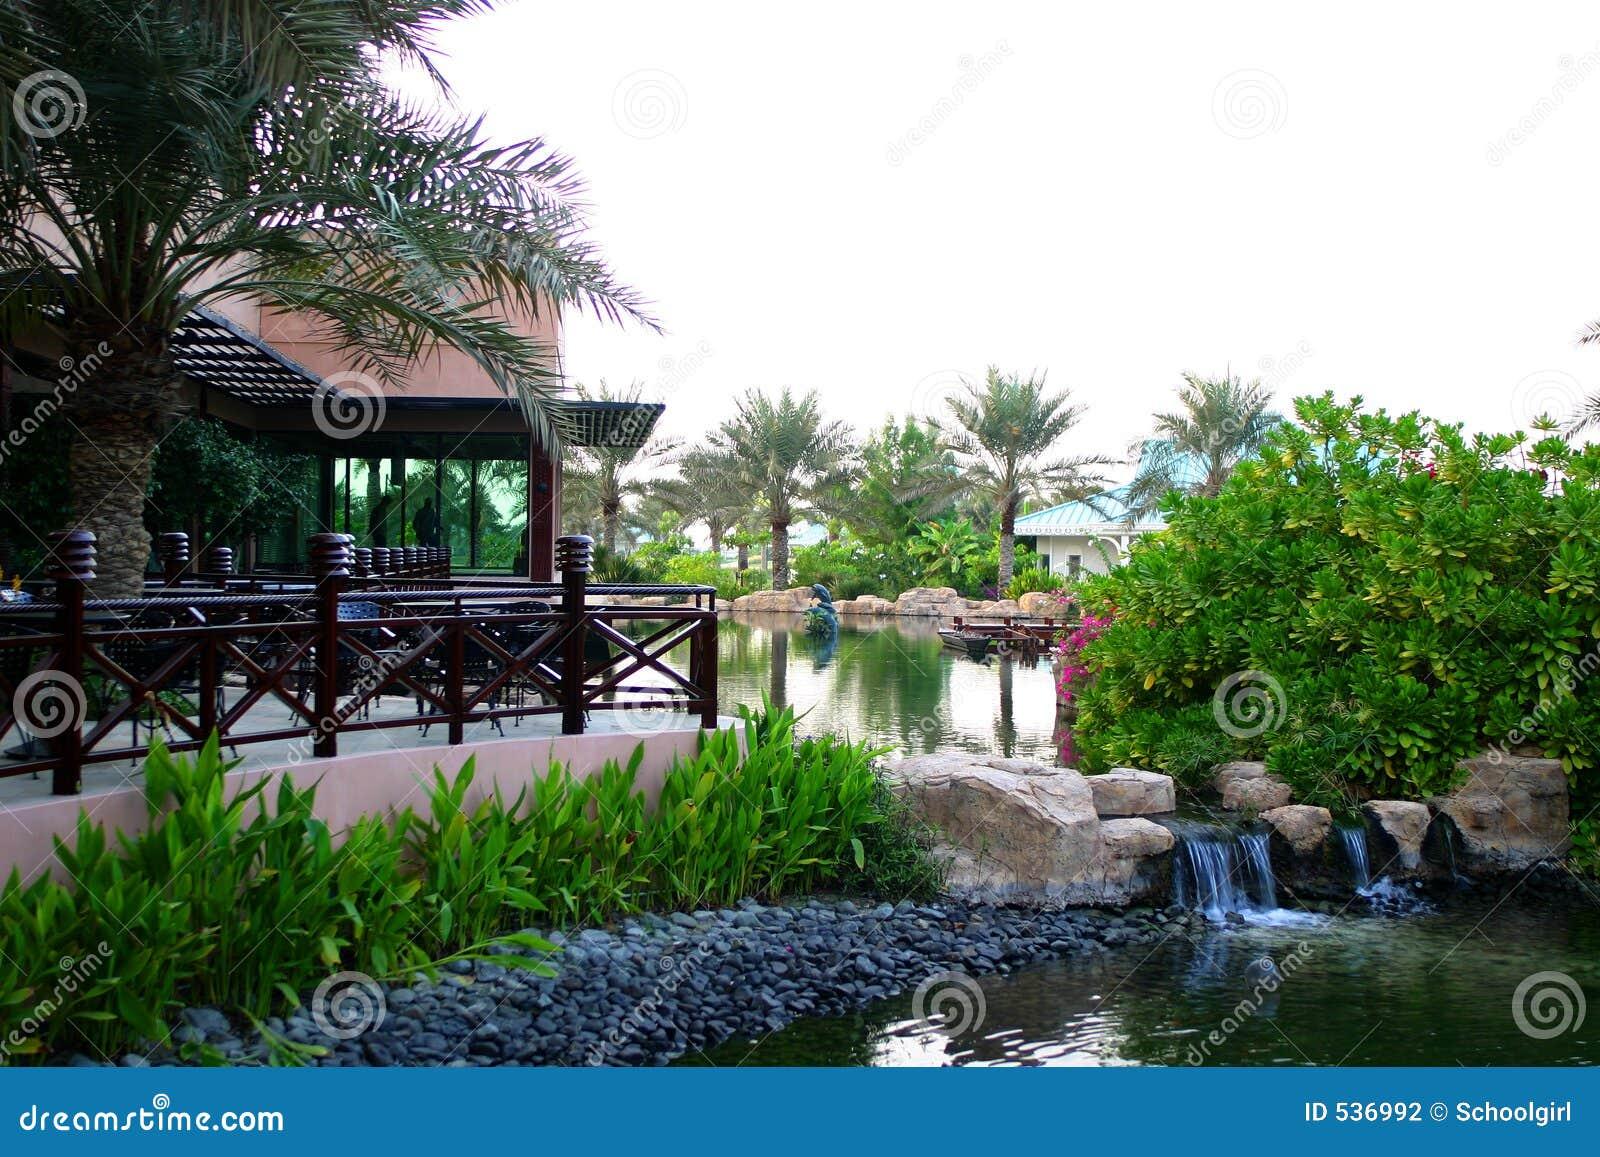 Restaurante com terraço e lagoa